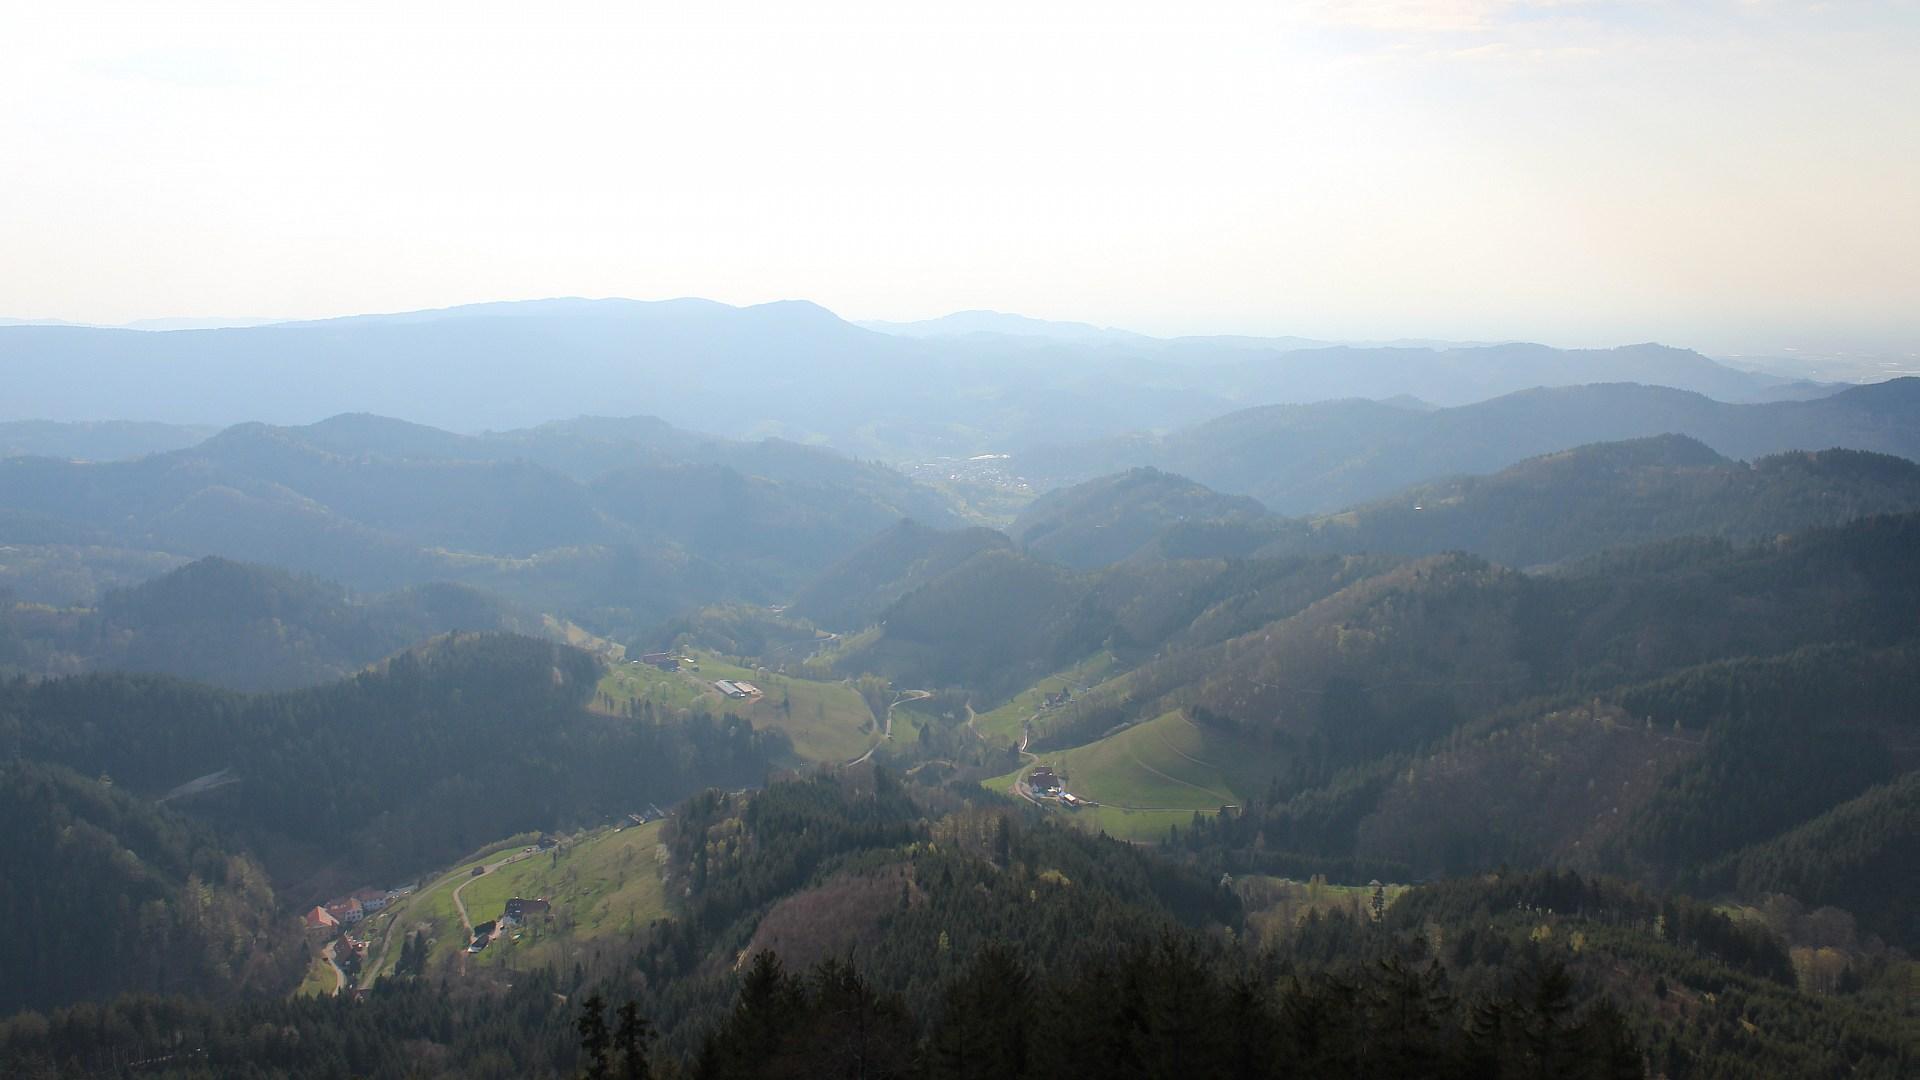 Aufnahme: Buchkopfturm vom 09.04.2020 17:40